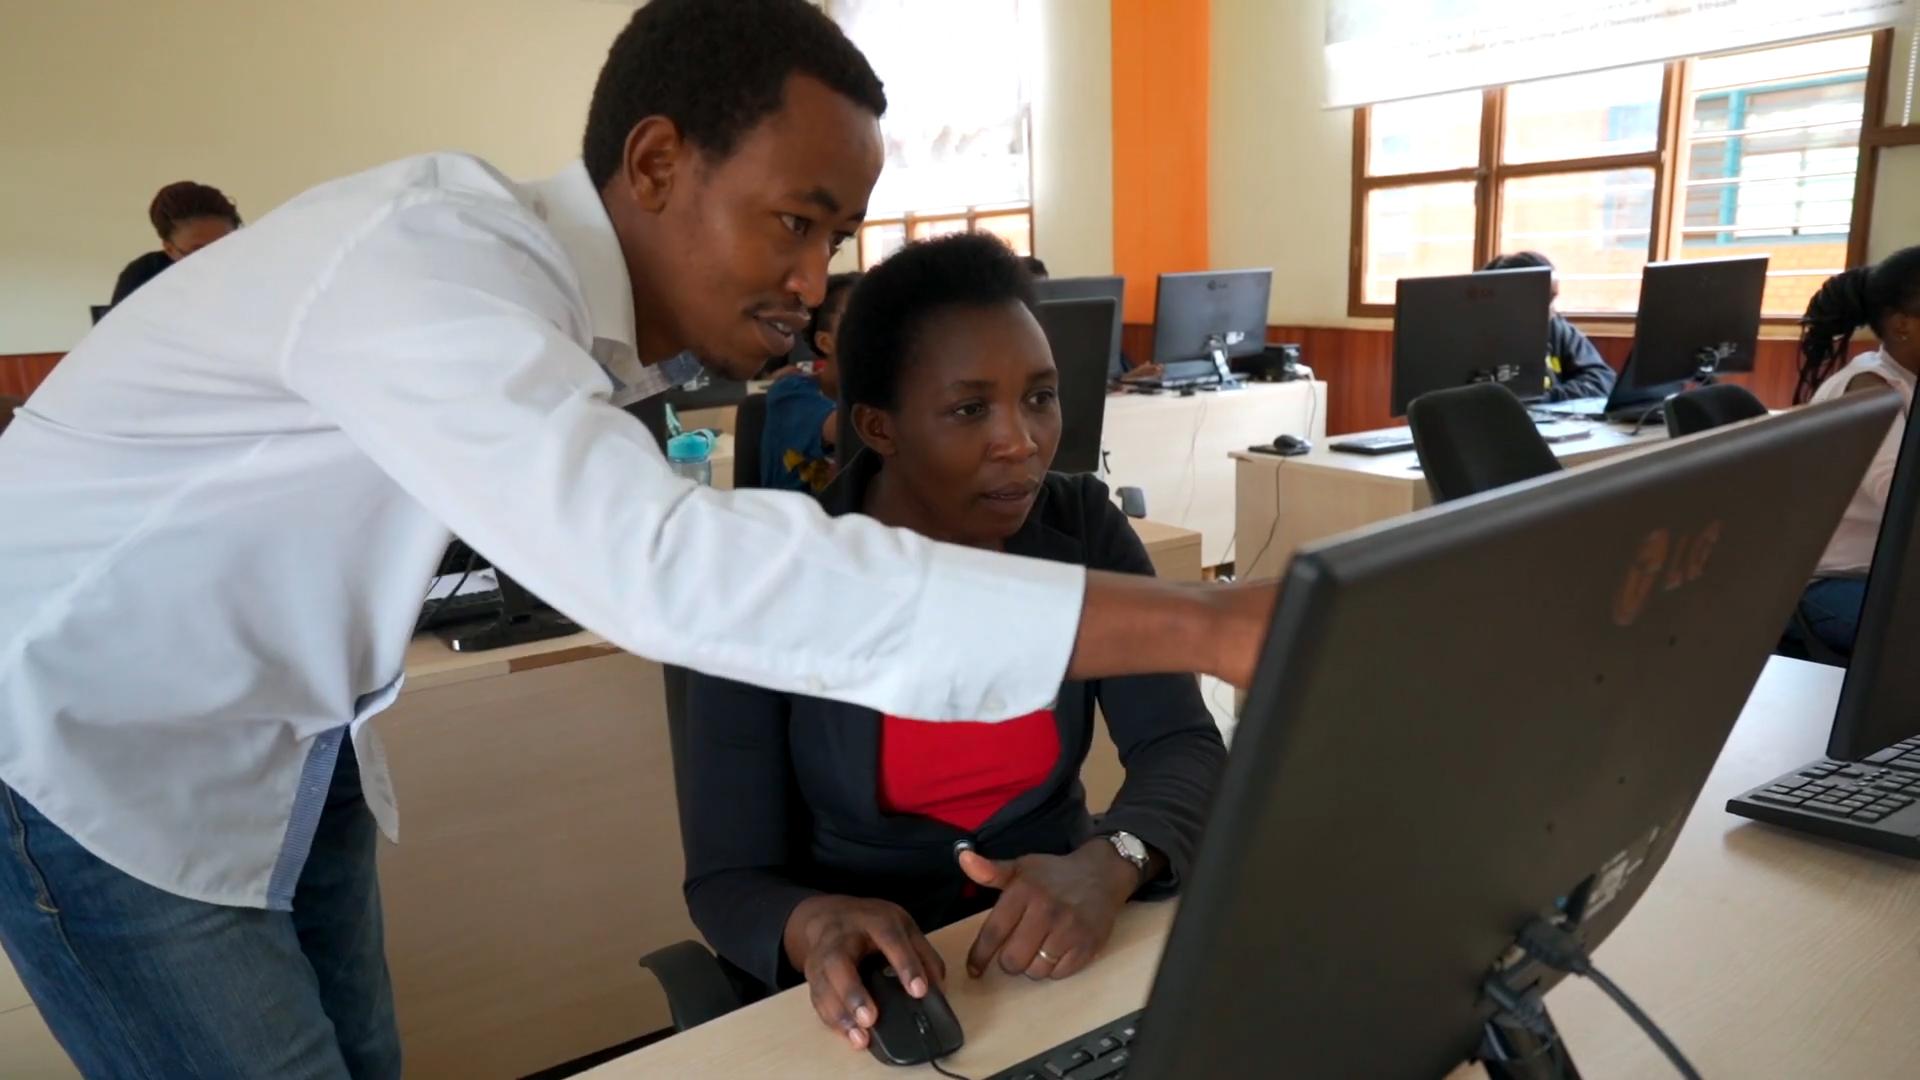 """Standbild aus dem Video """"Ruanda: Durch Bildung die Zukunft digitalisieren"""""""